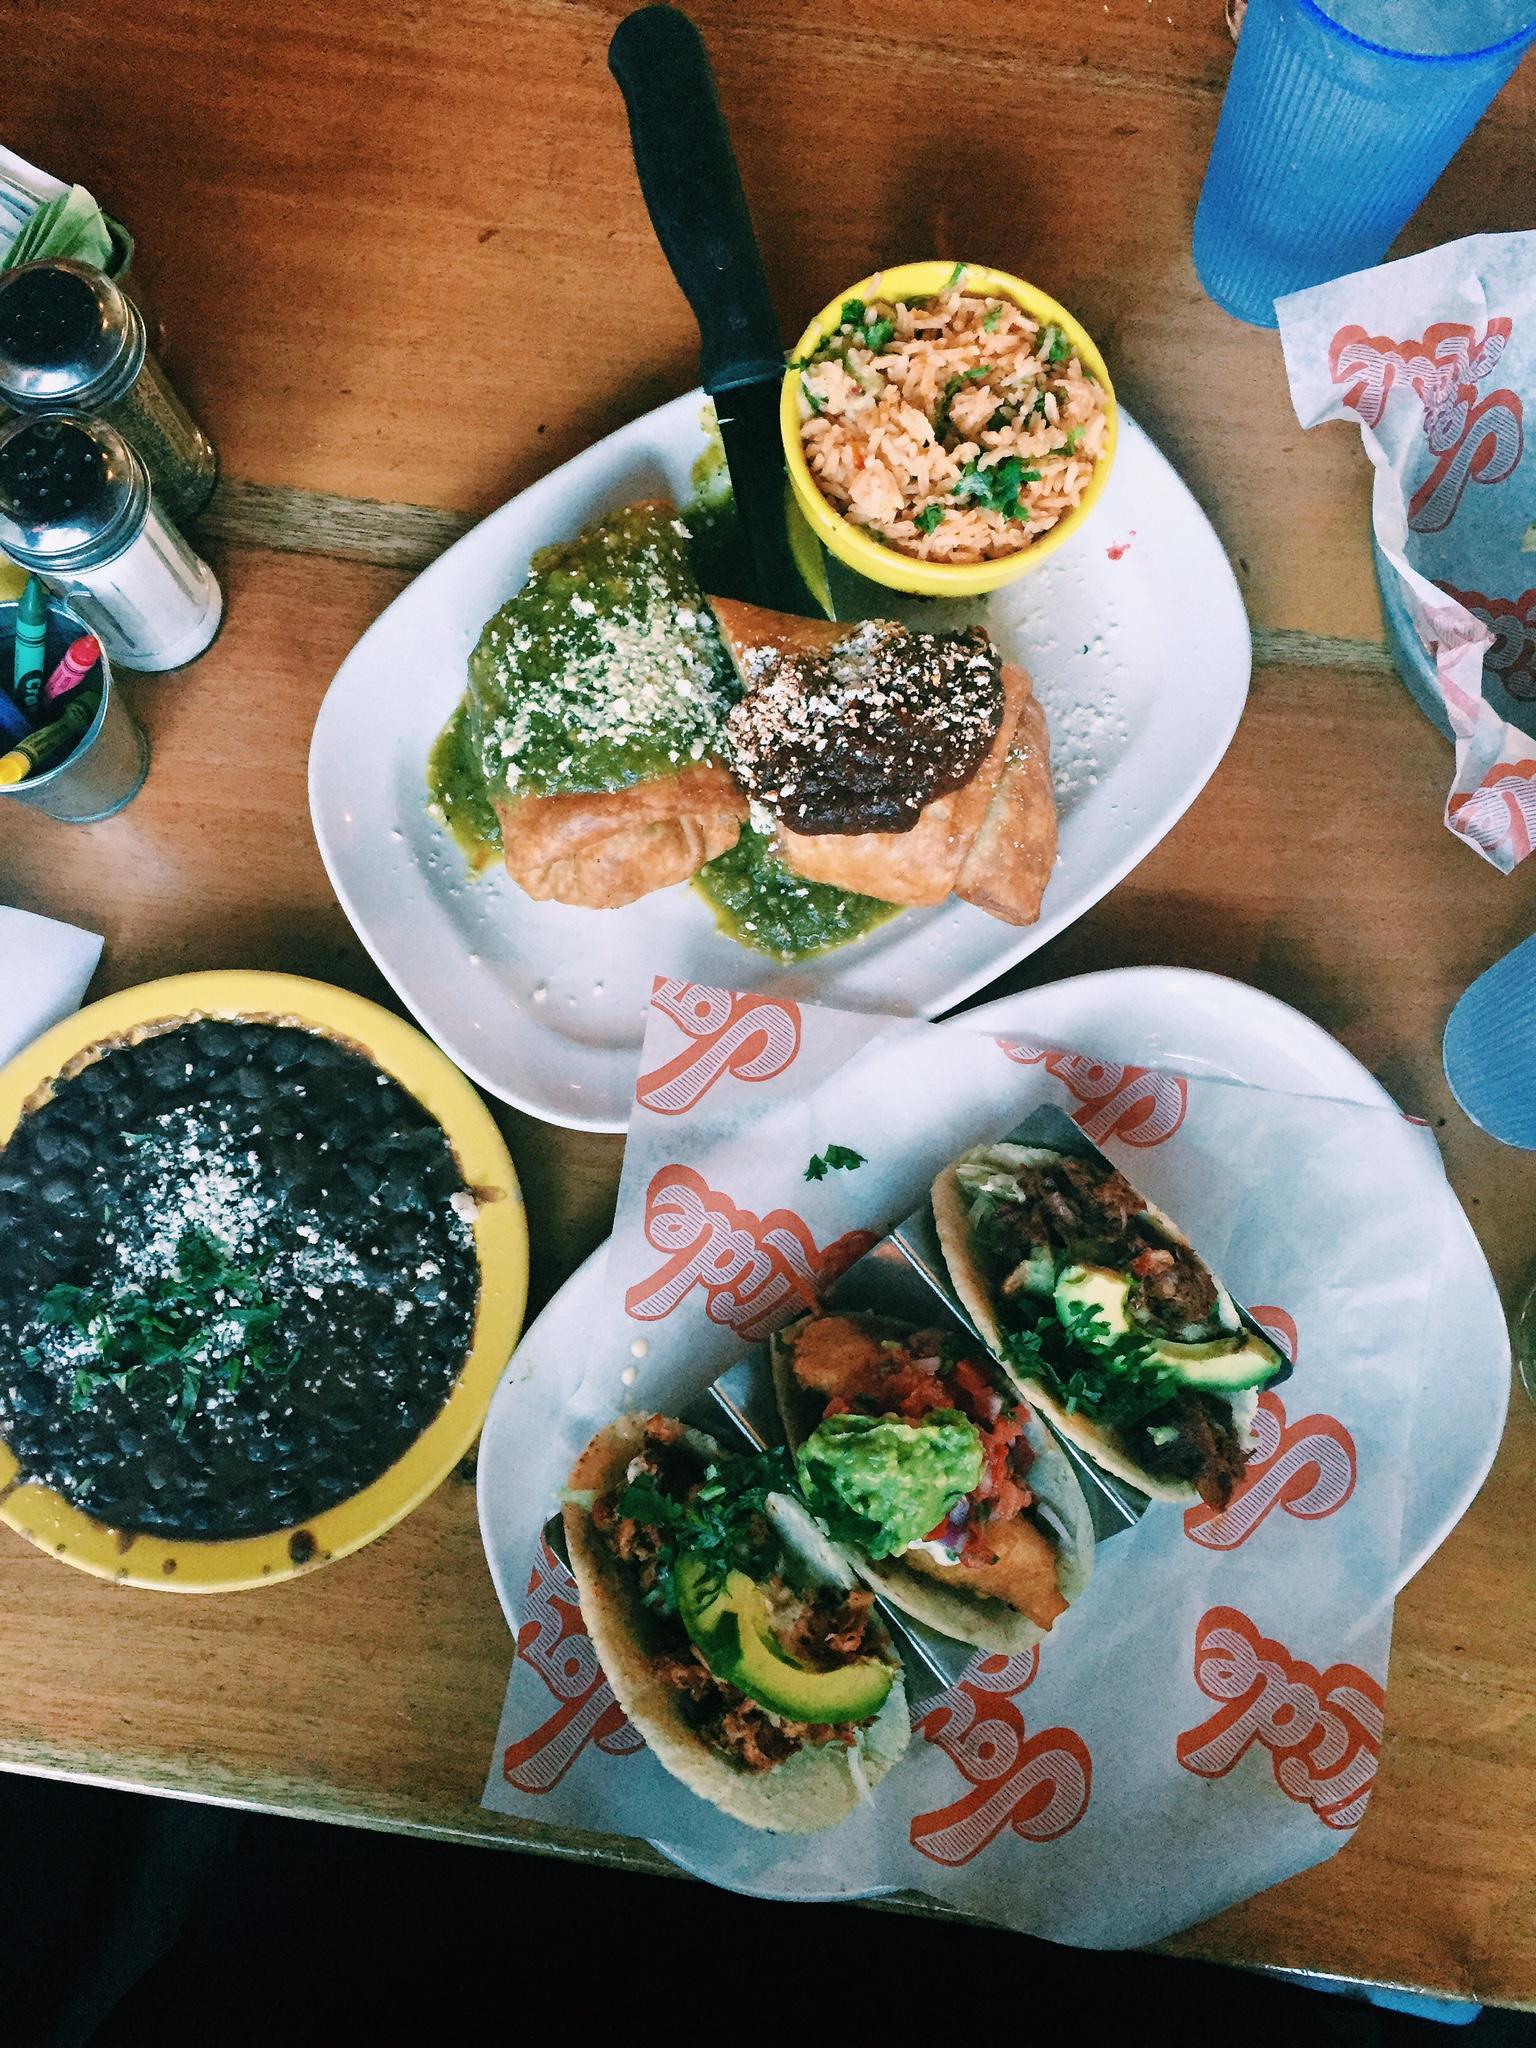 Joyride Taco House meal